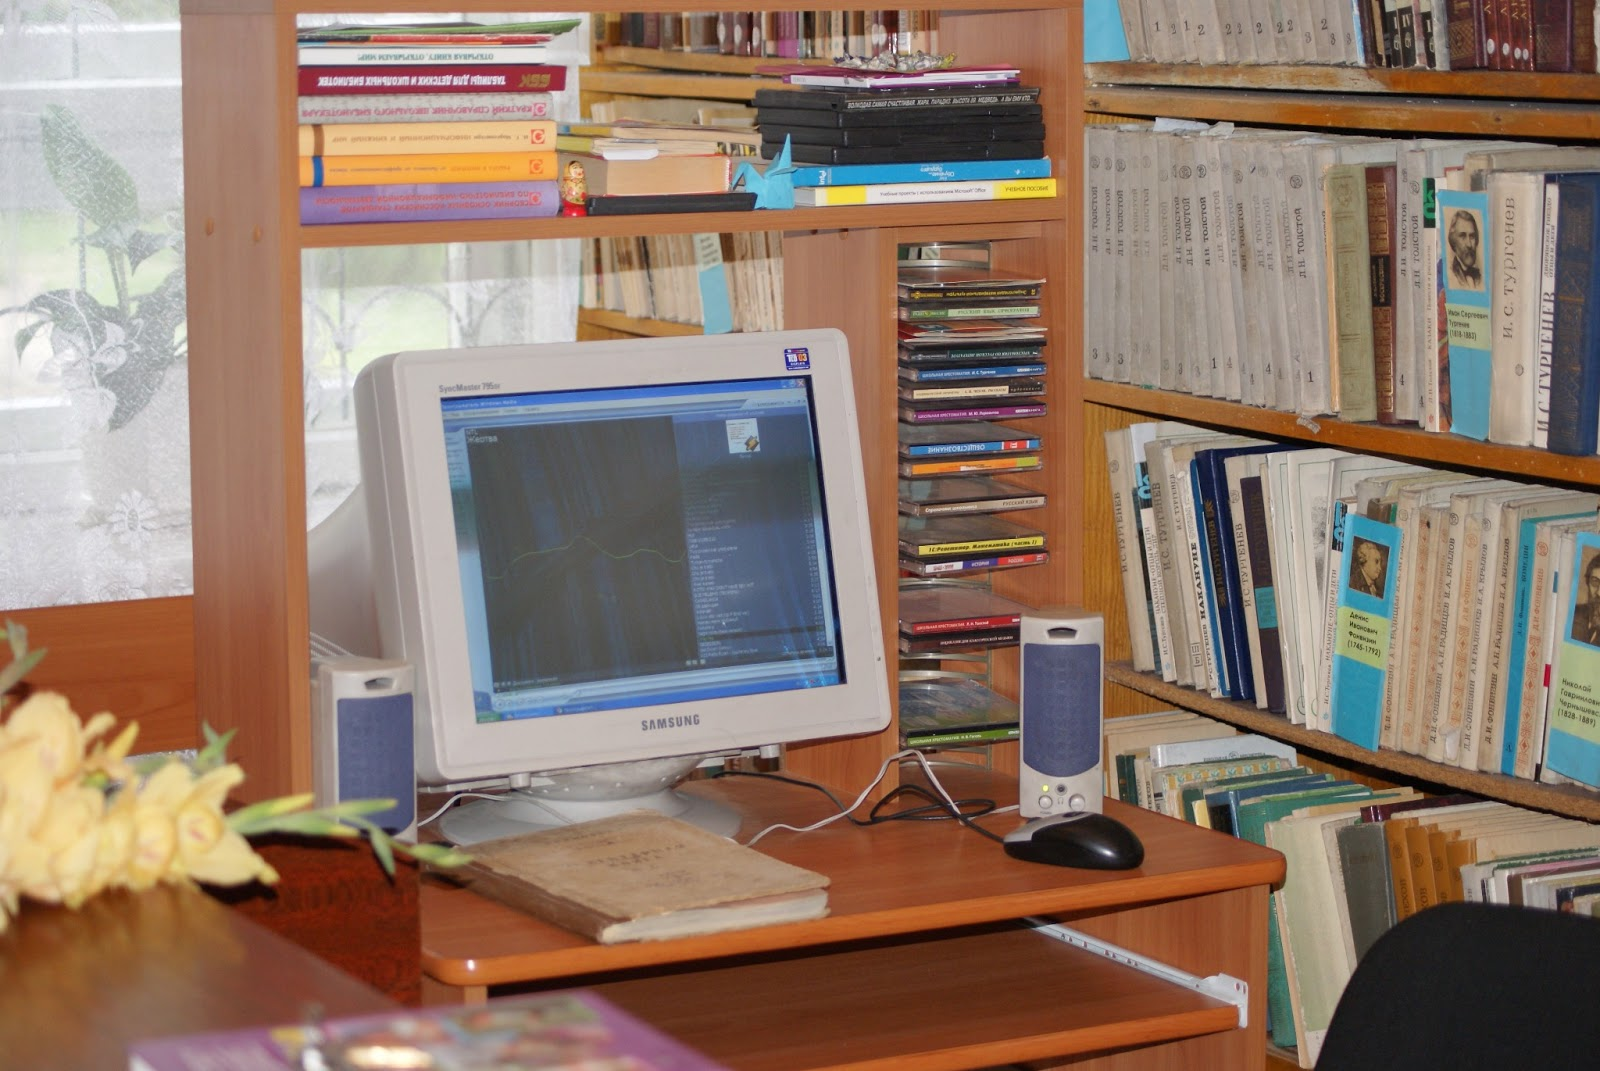 компьютер инструкция к применению наука и техника 2009